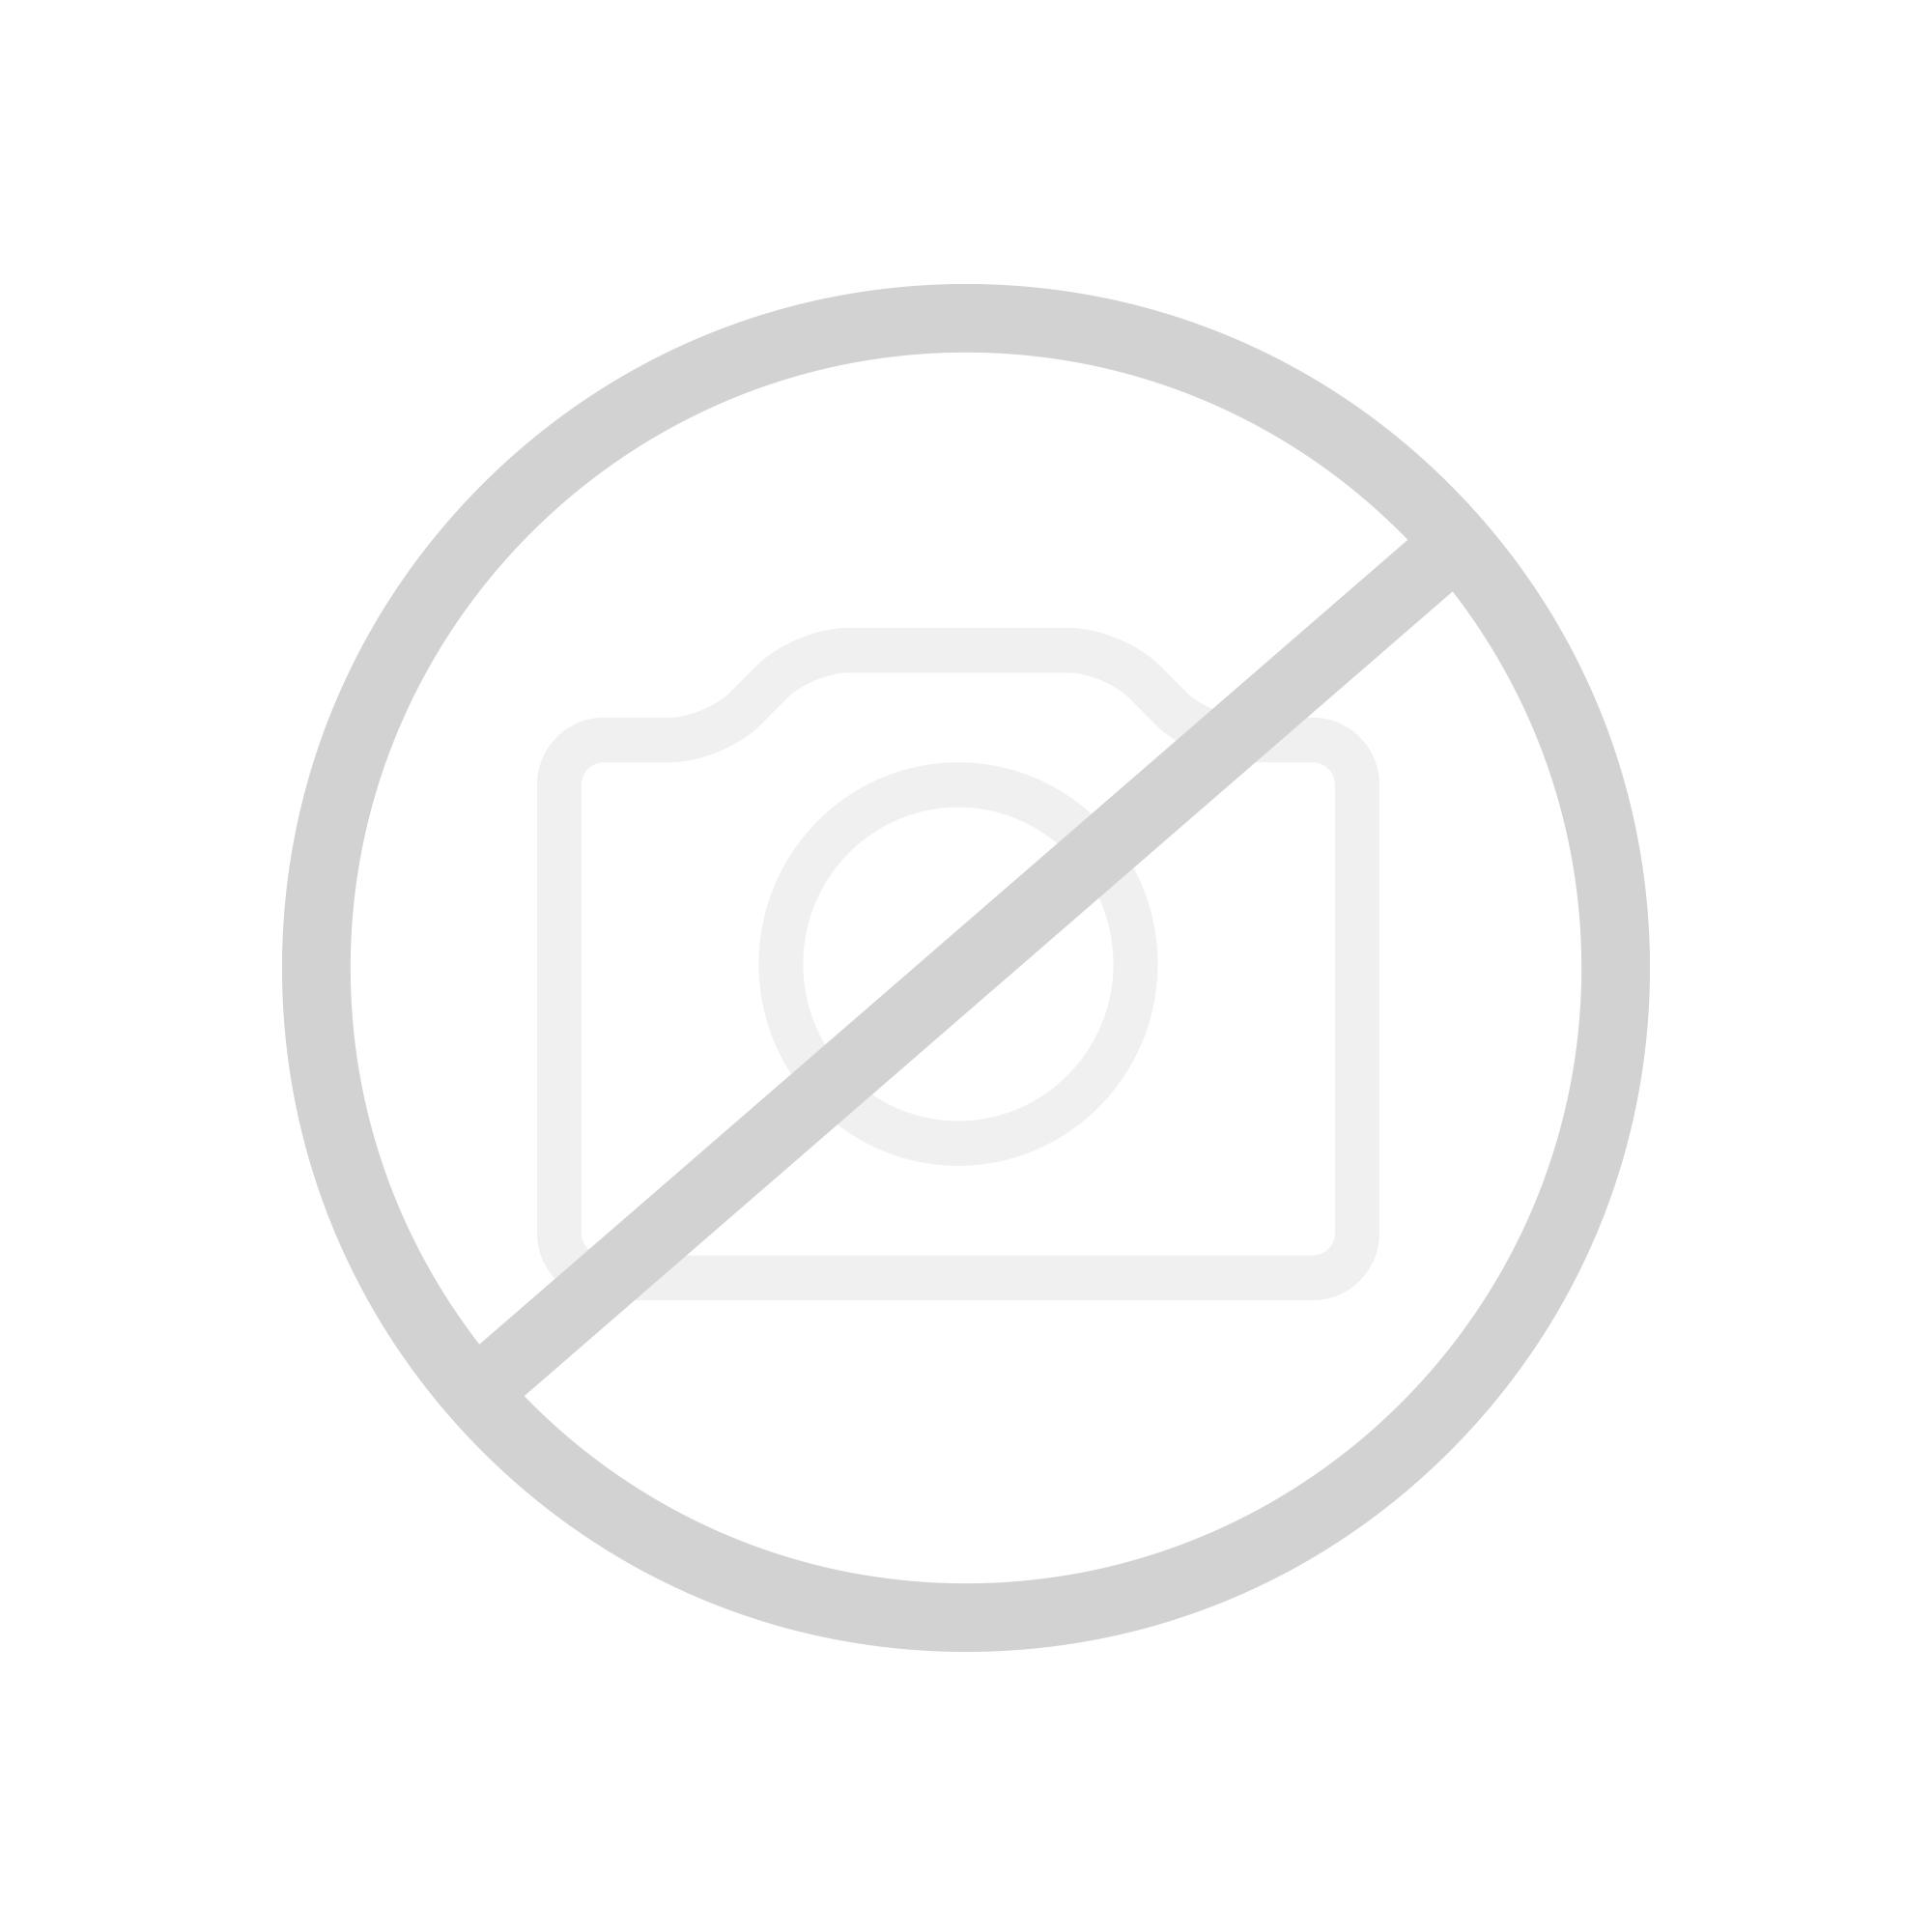 HSK ASP 300 LED Alu Spiegelschrank Anschlag links